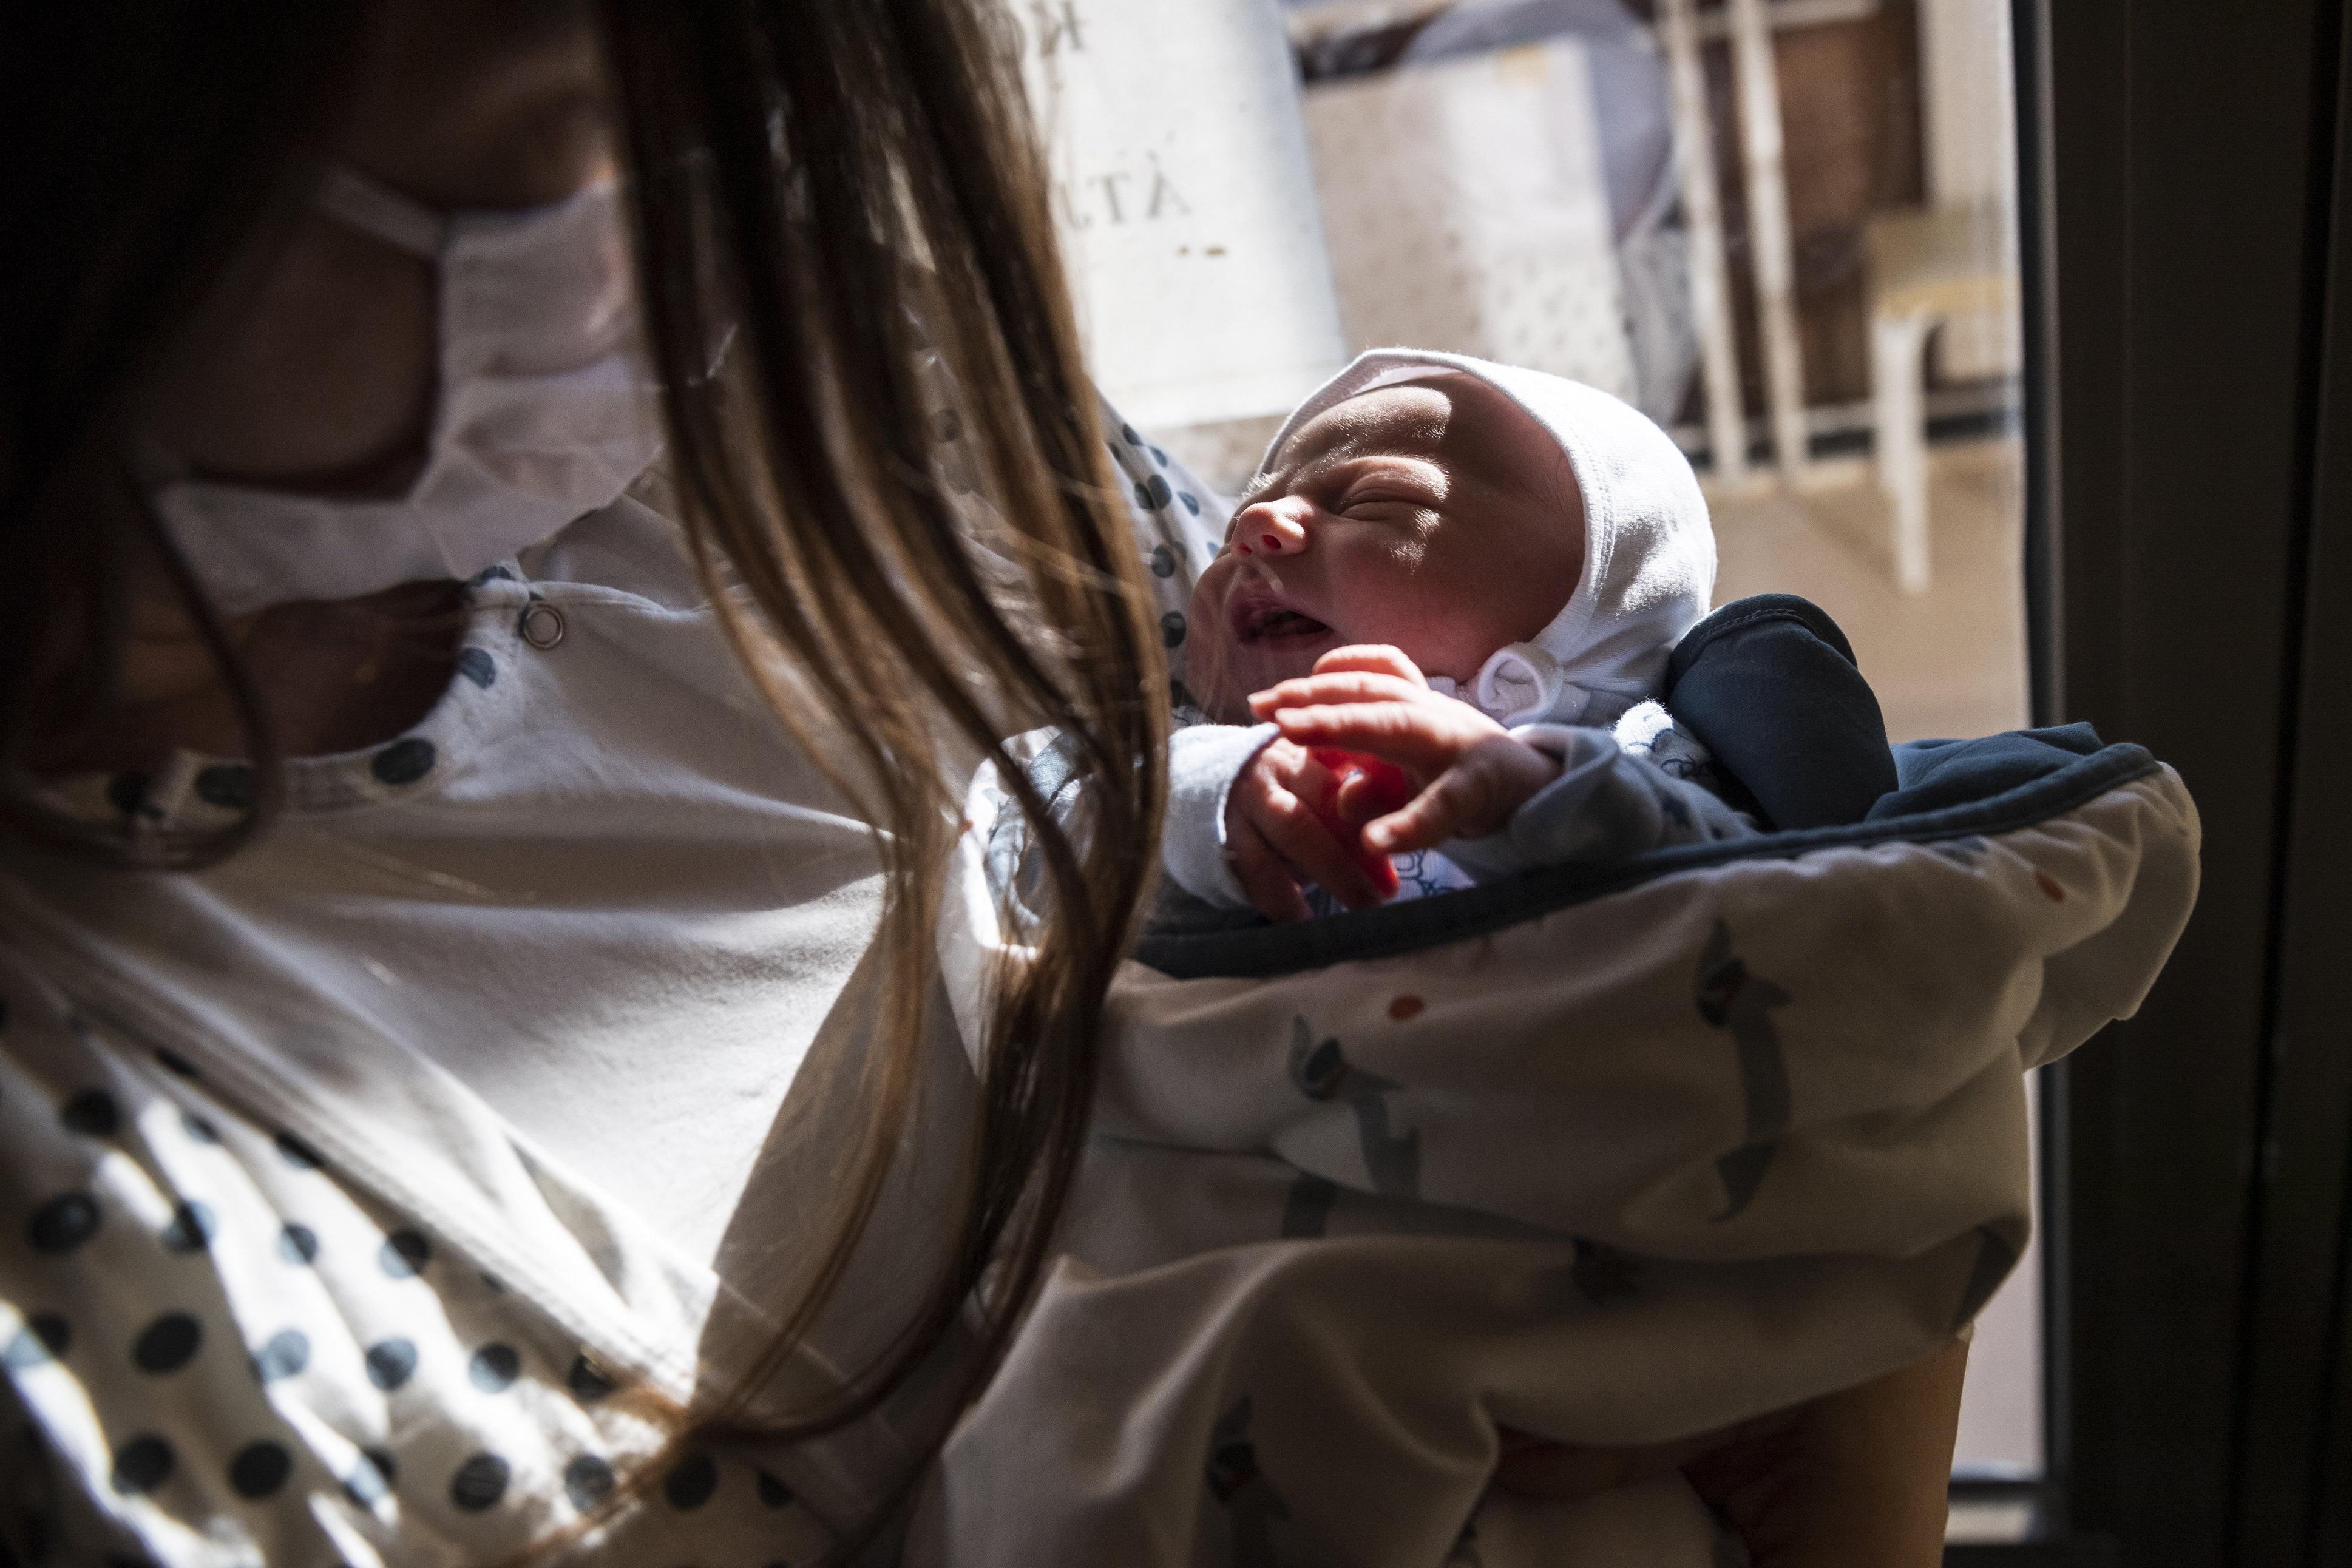 Várandósság és vakcinák: az MTA hasznos összefoglalója